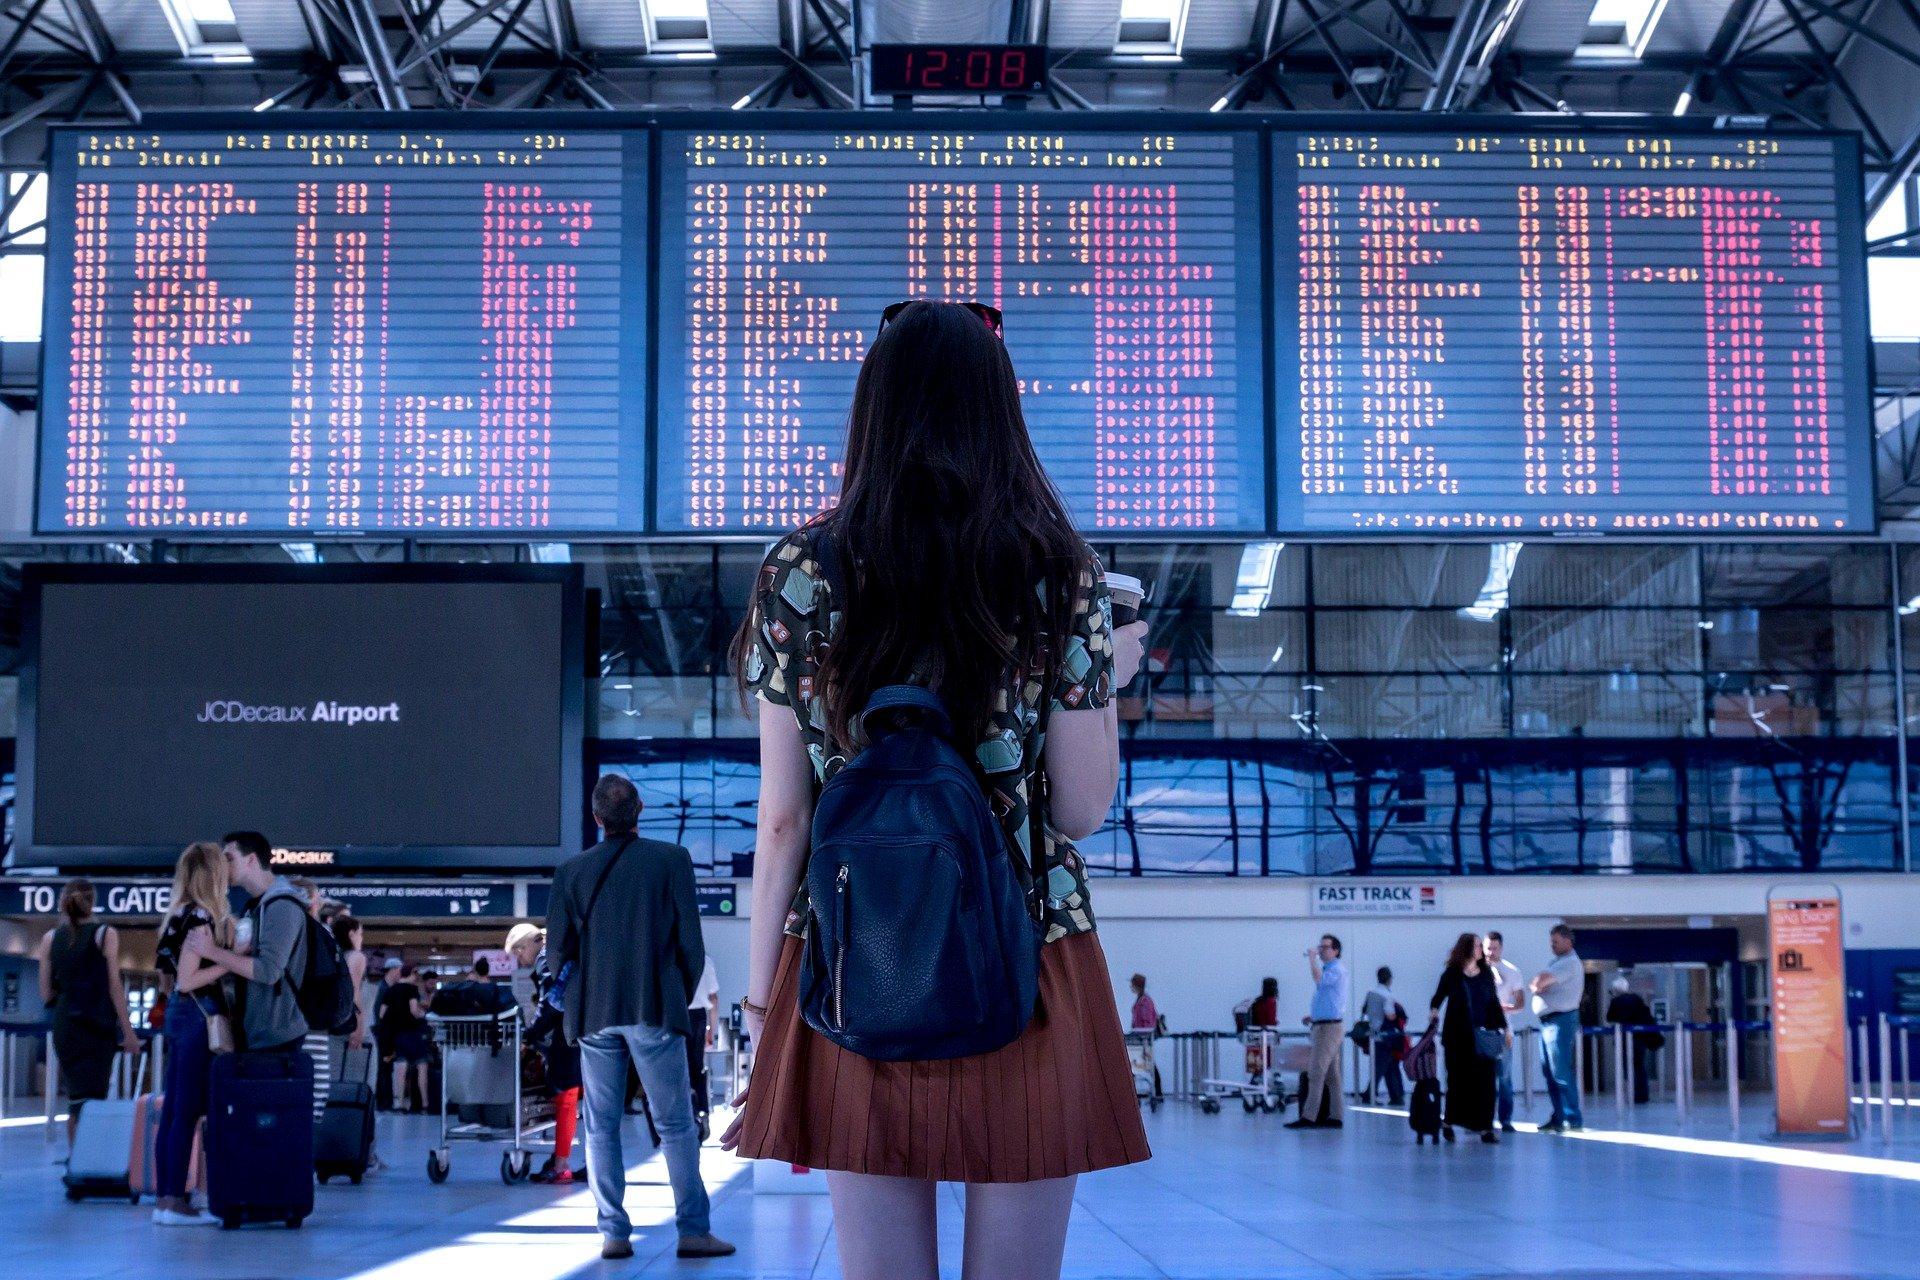 Femme dans un aéroport, Salmon Voyages